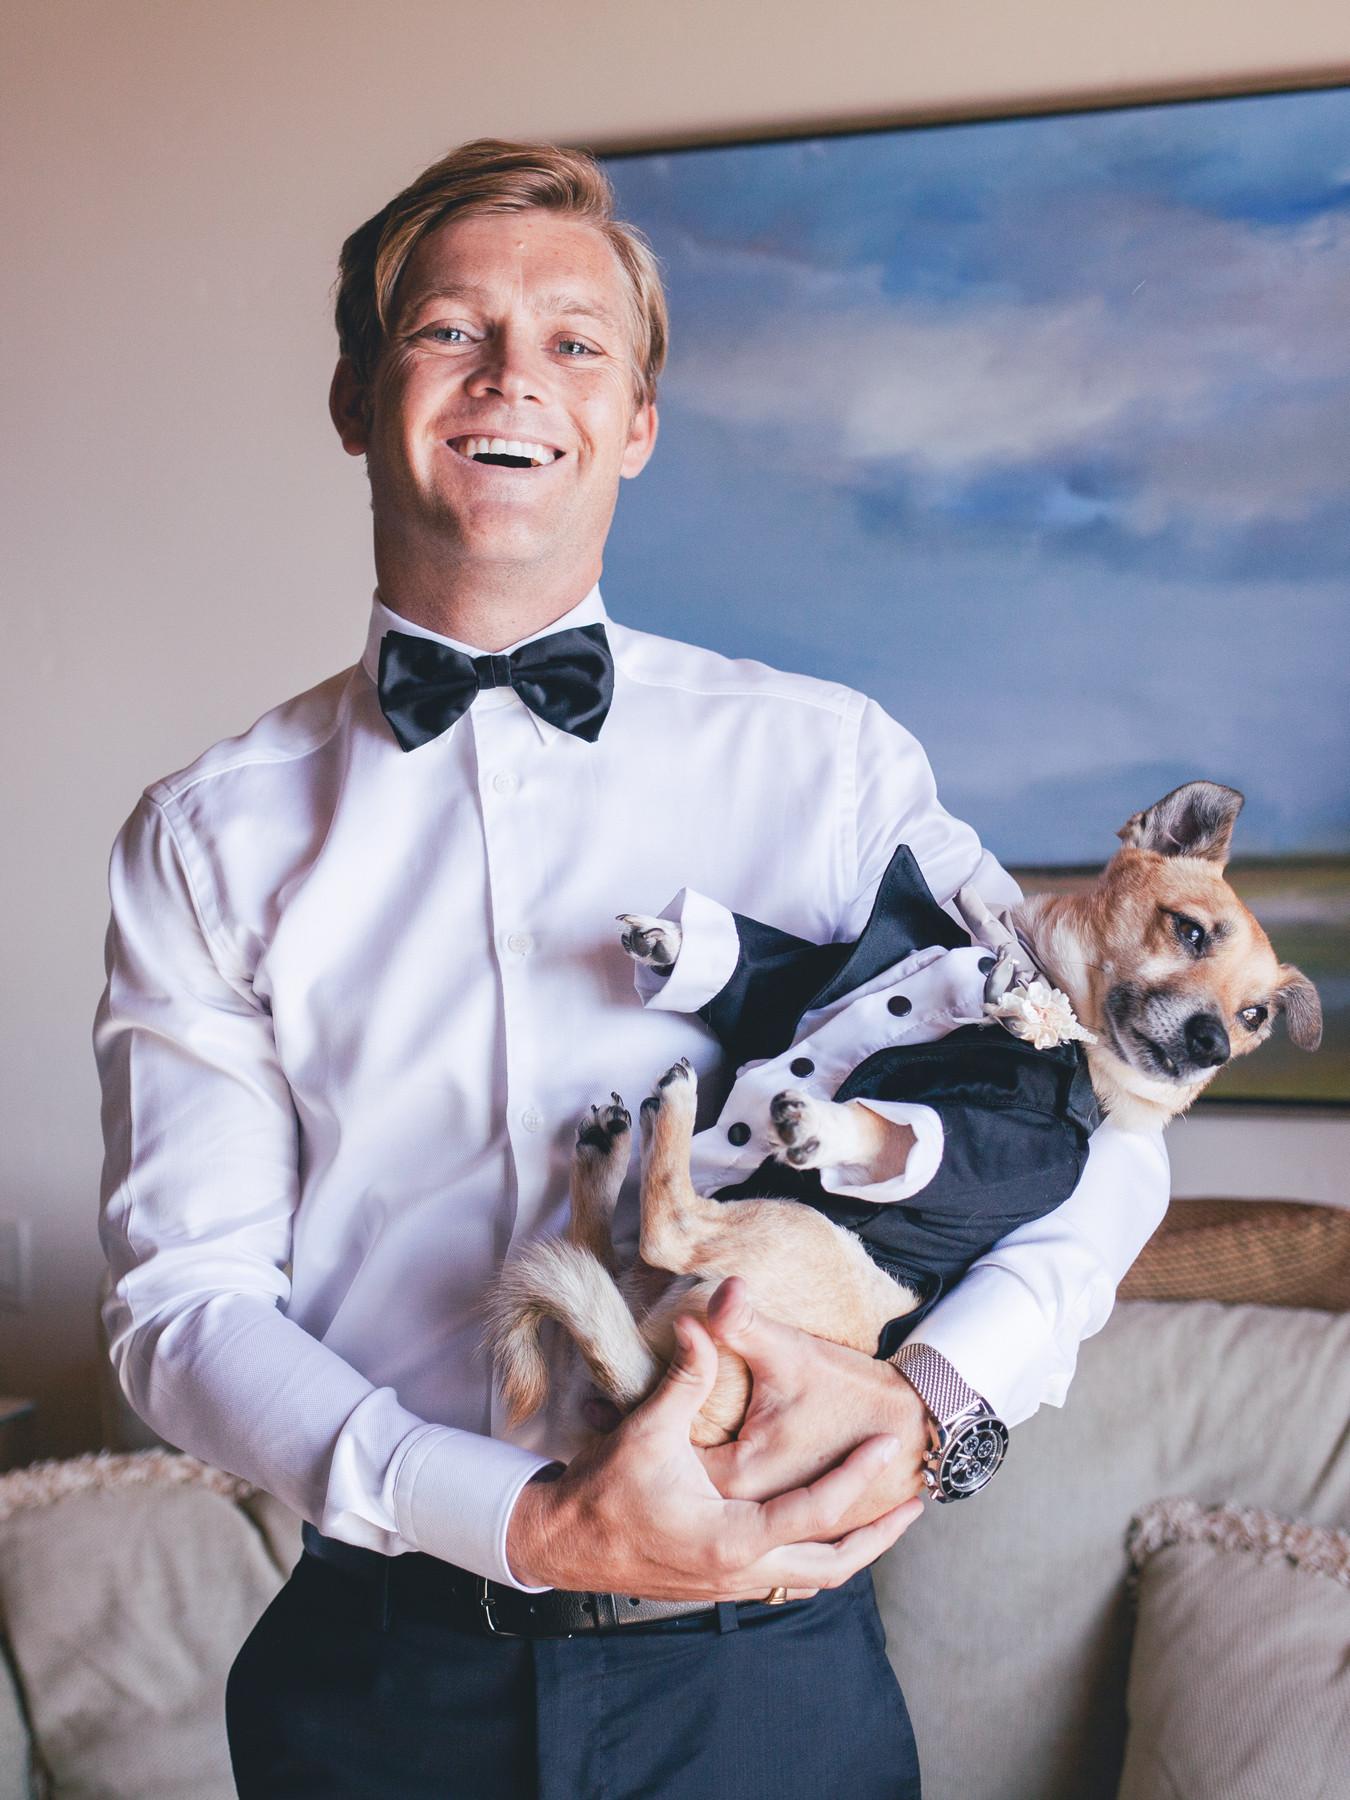 Happy groom with tuxedoed dog - photo by John and Joseph